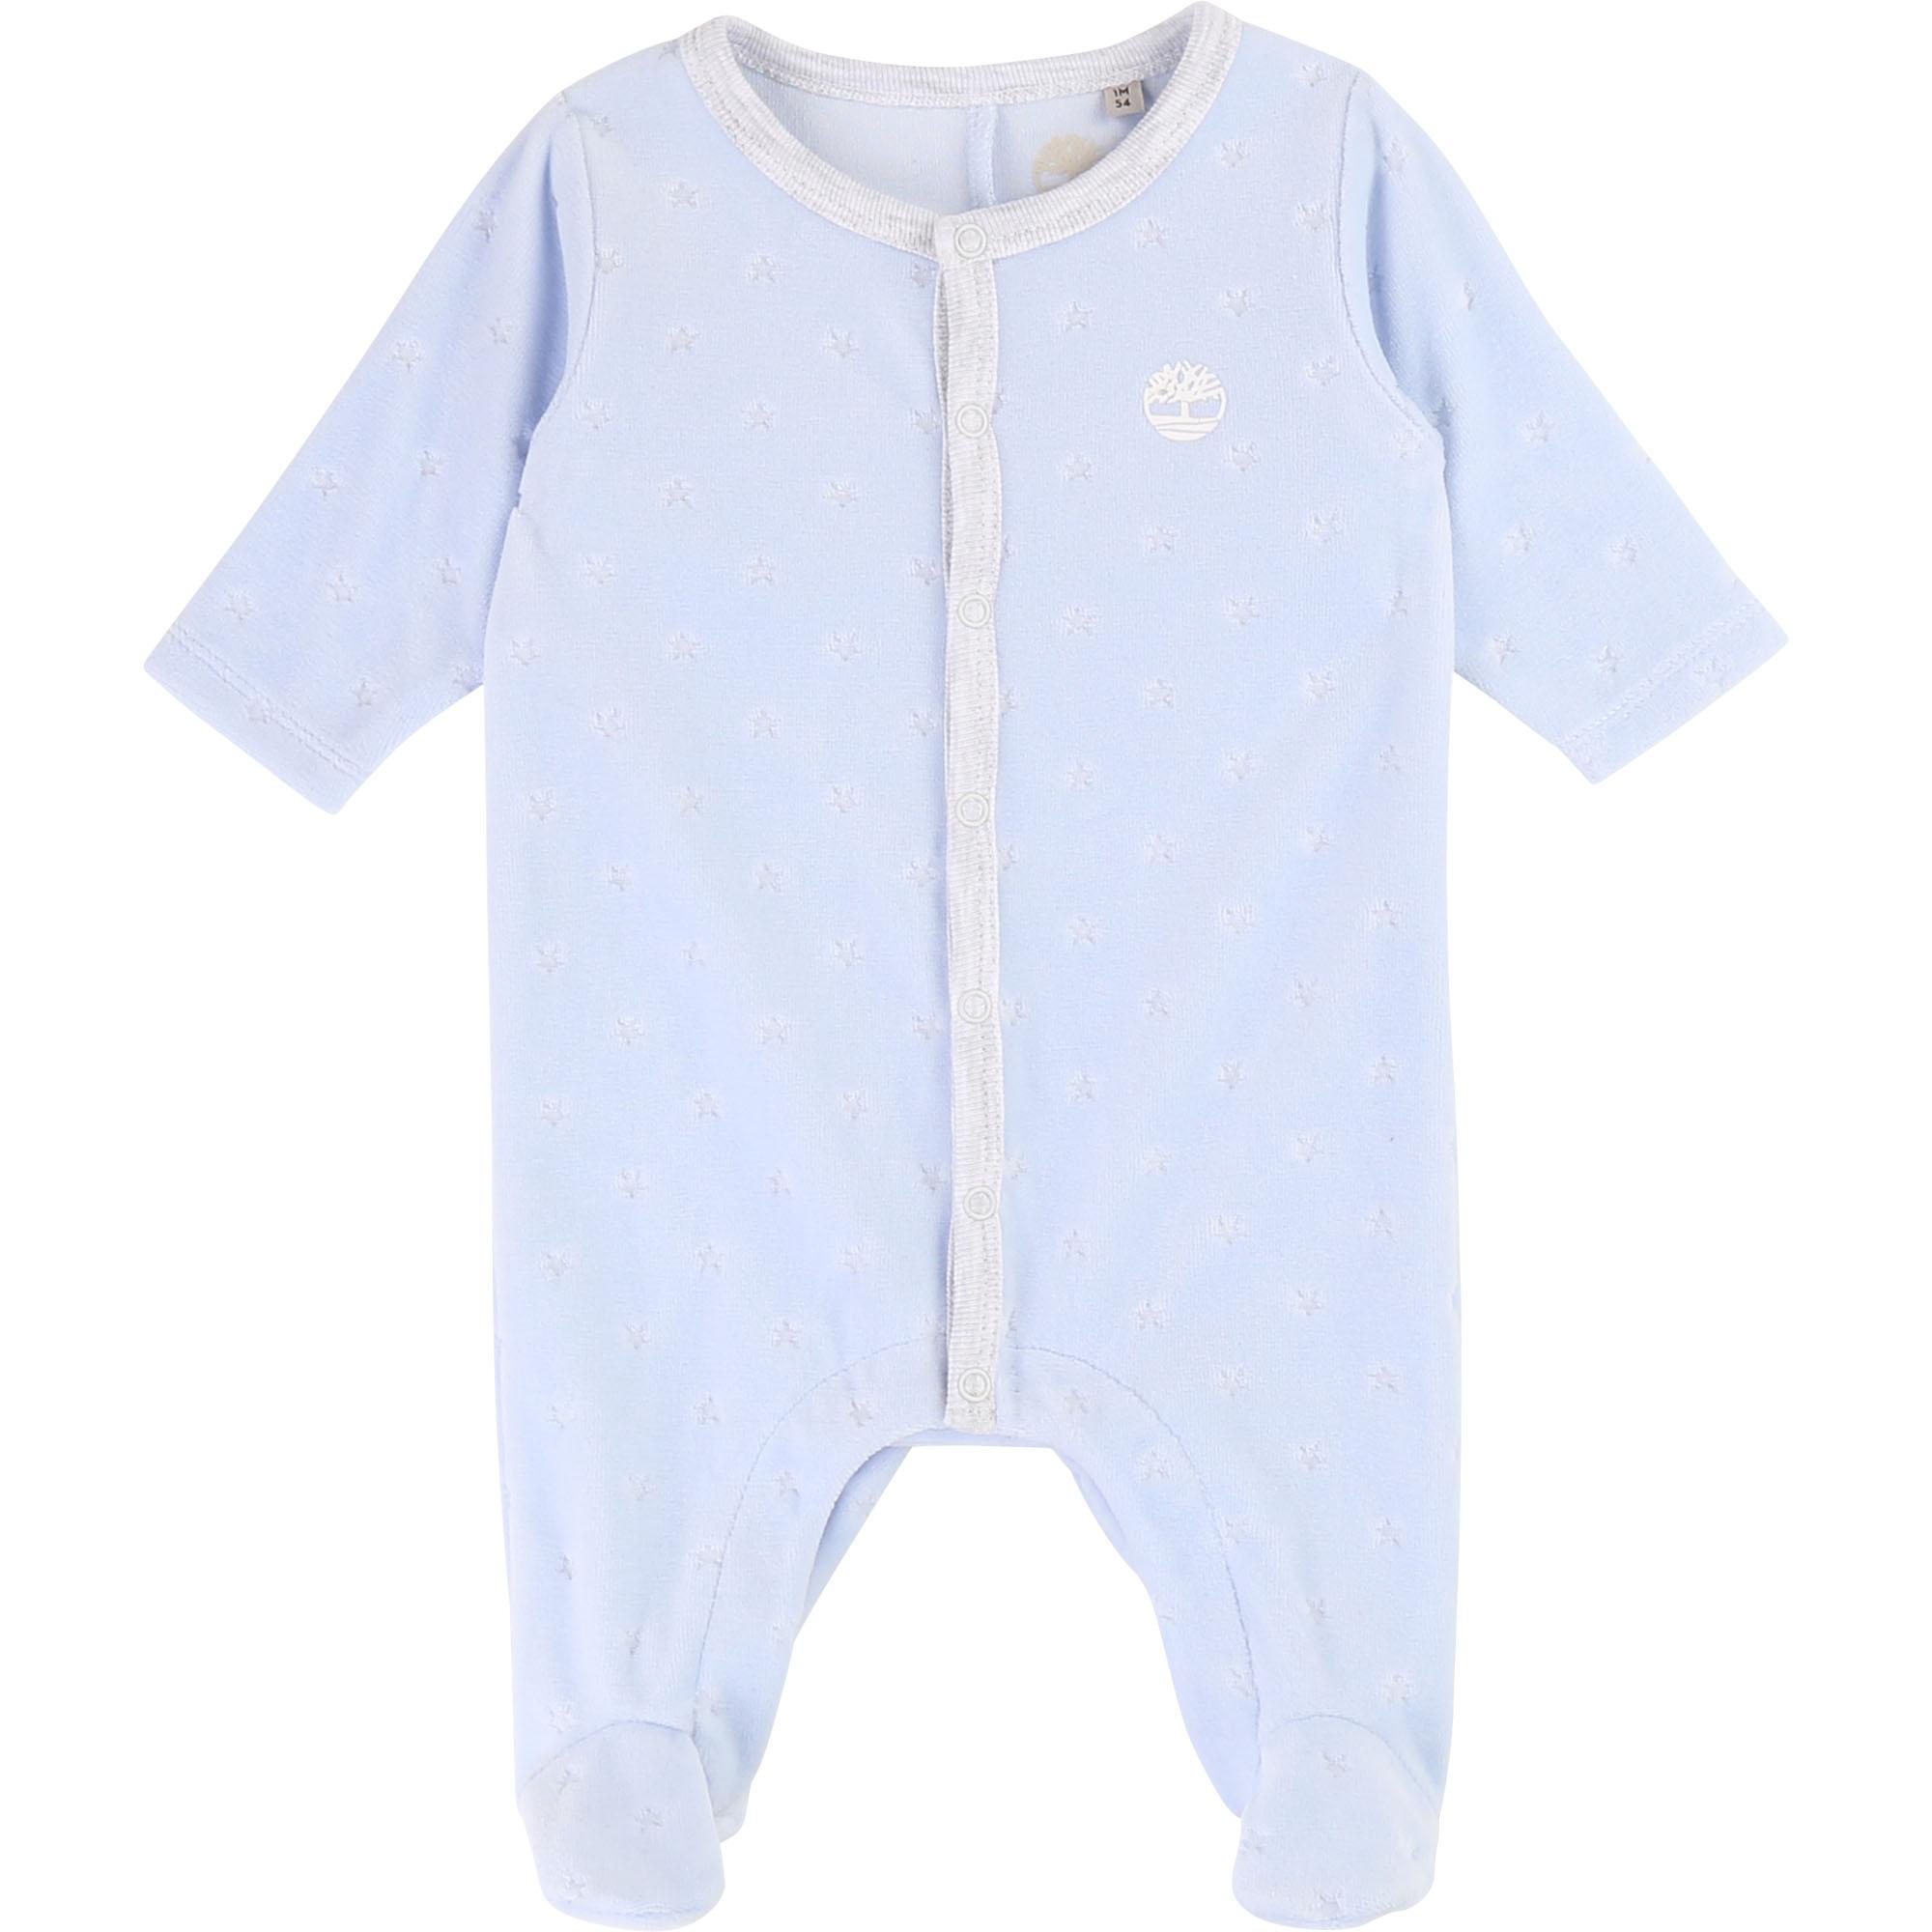 Pyjama en velours imprimé TIMBERLAND BEBE COUCHE GARCON Bleu